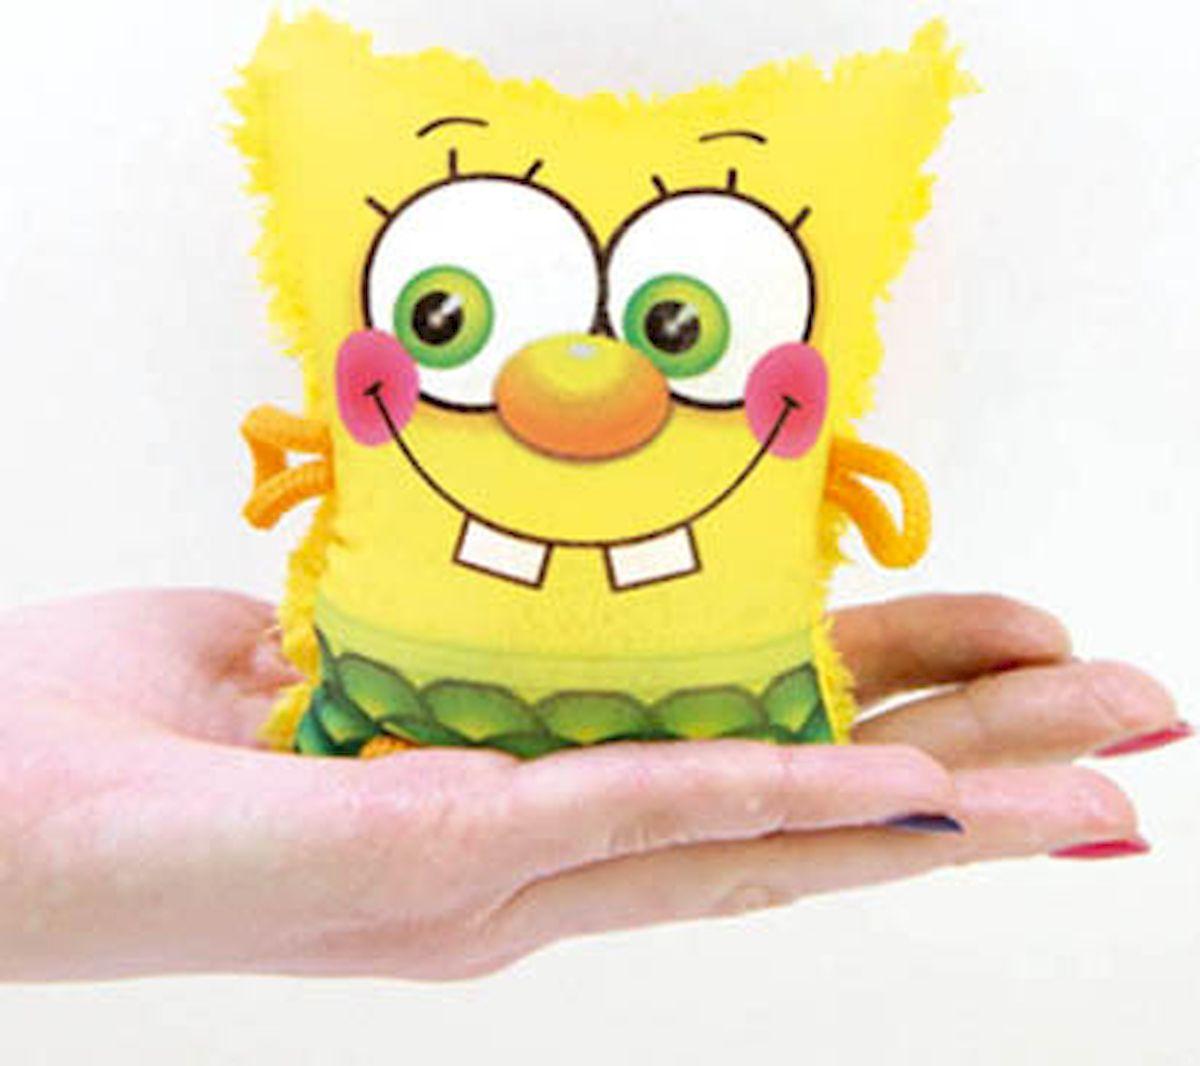 Игрушка для ванной Штучки, к которым тянутся ручки 14игг01ив-14 желтый